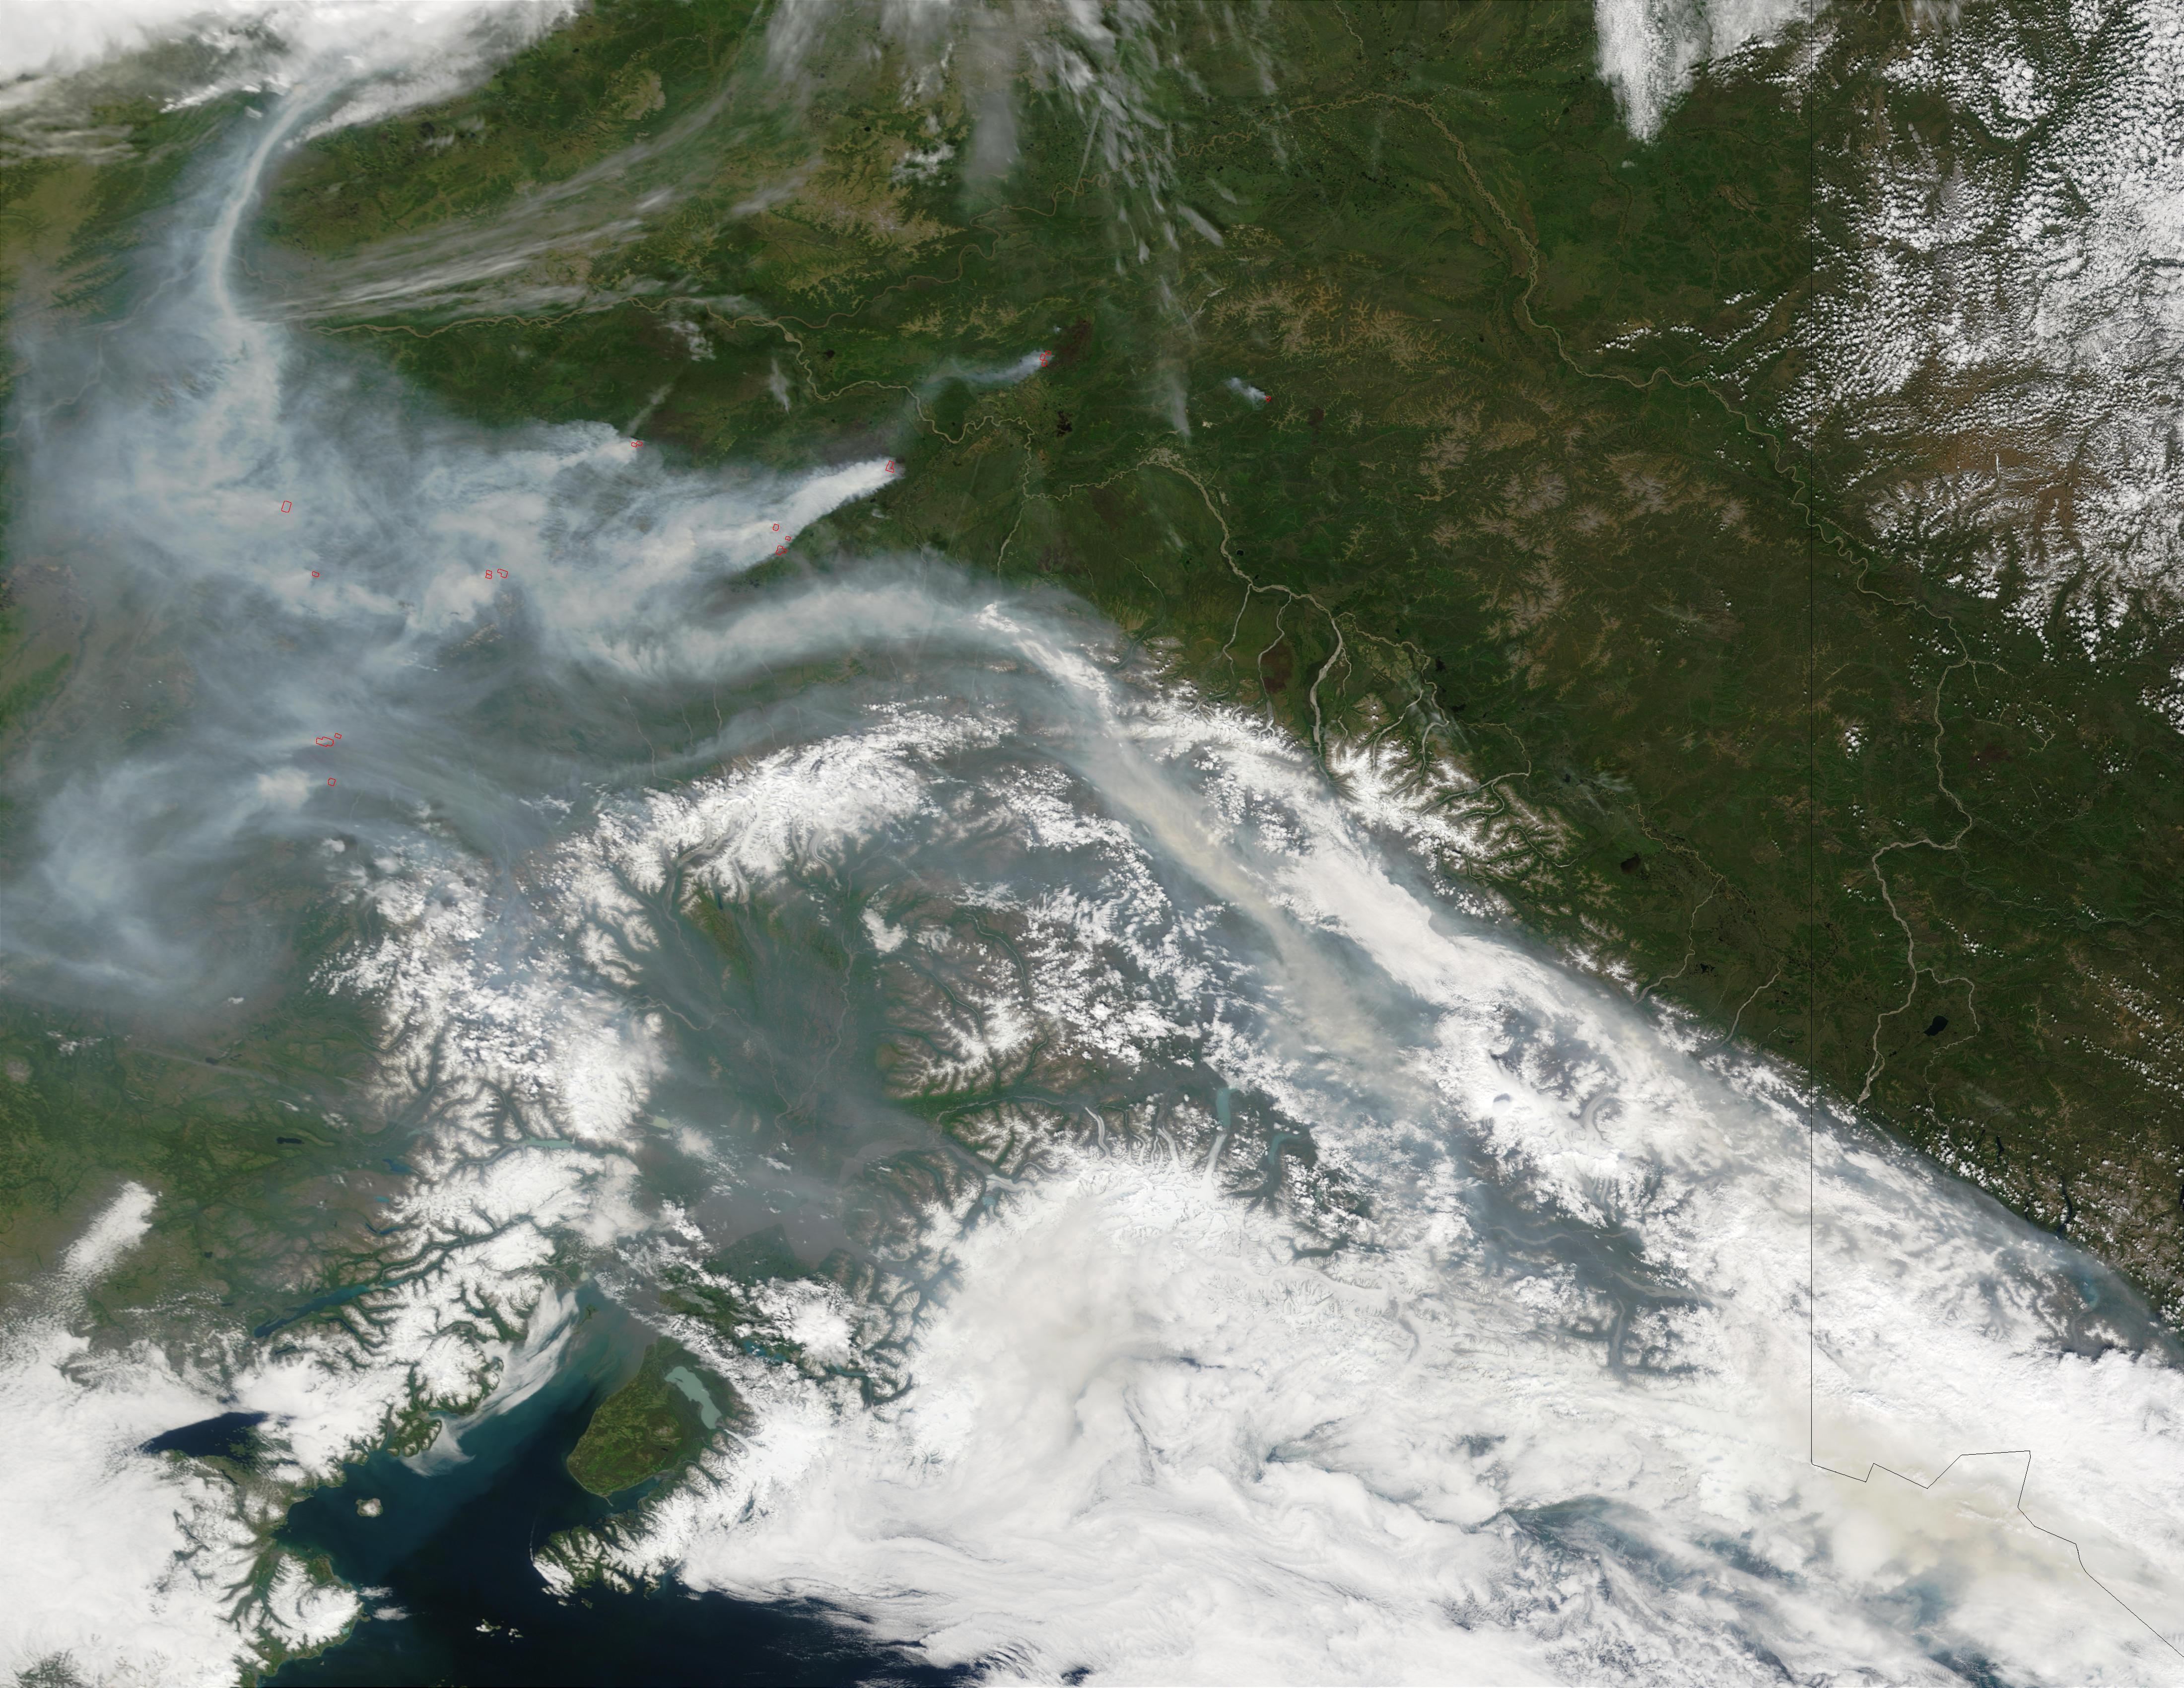 Incendios forestales y humo en Alaska central